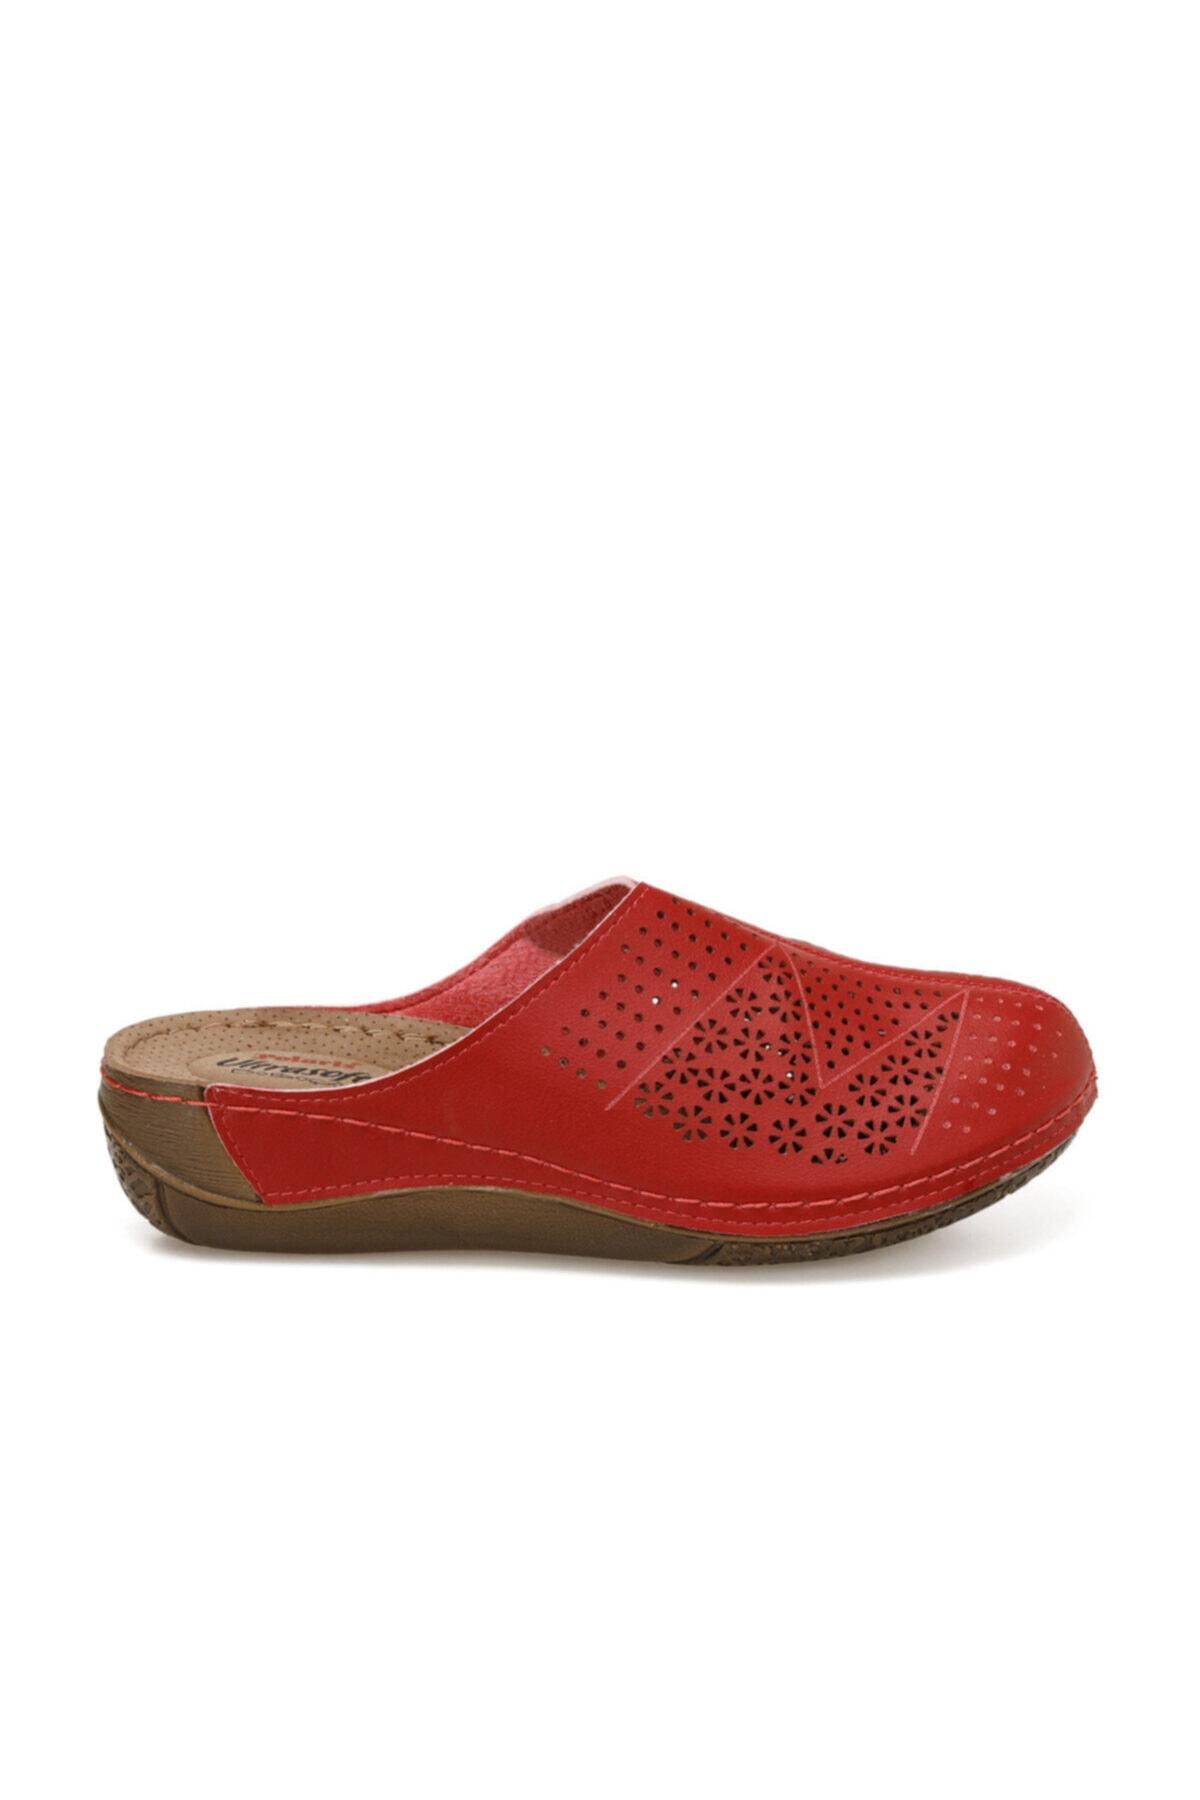 Polaris 91.158560.ZFAS Kırmızı Kadın Terlik 100524616 2